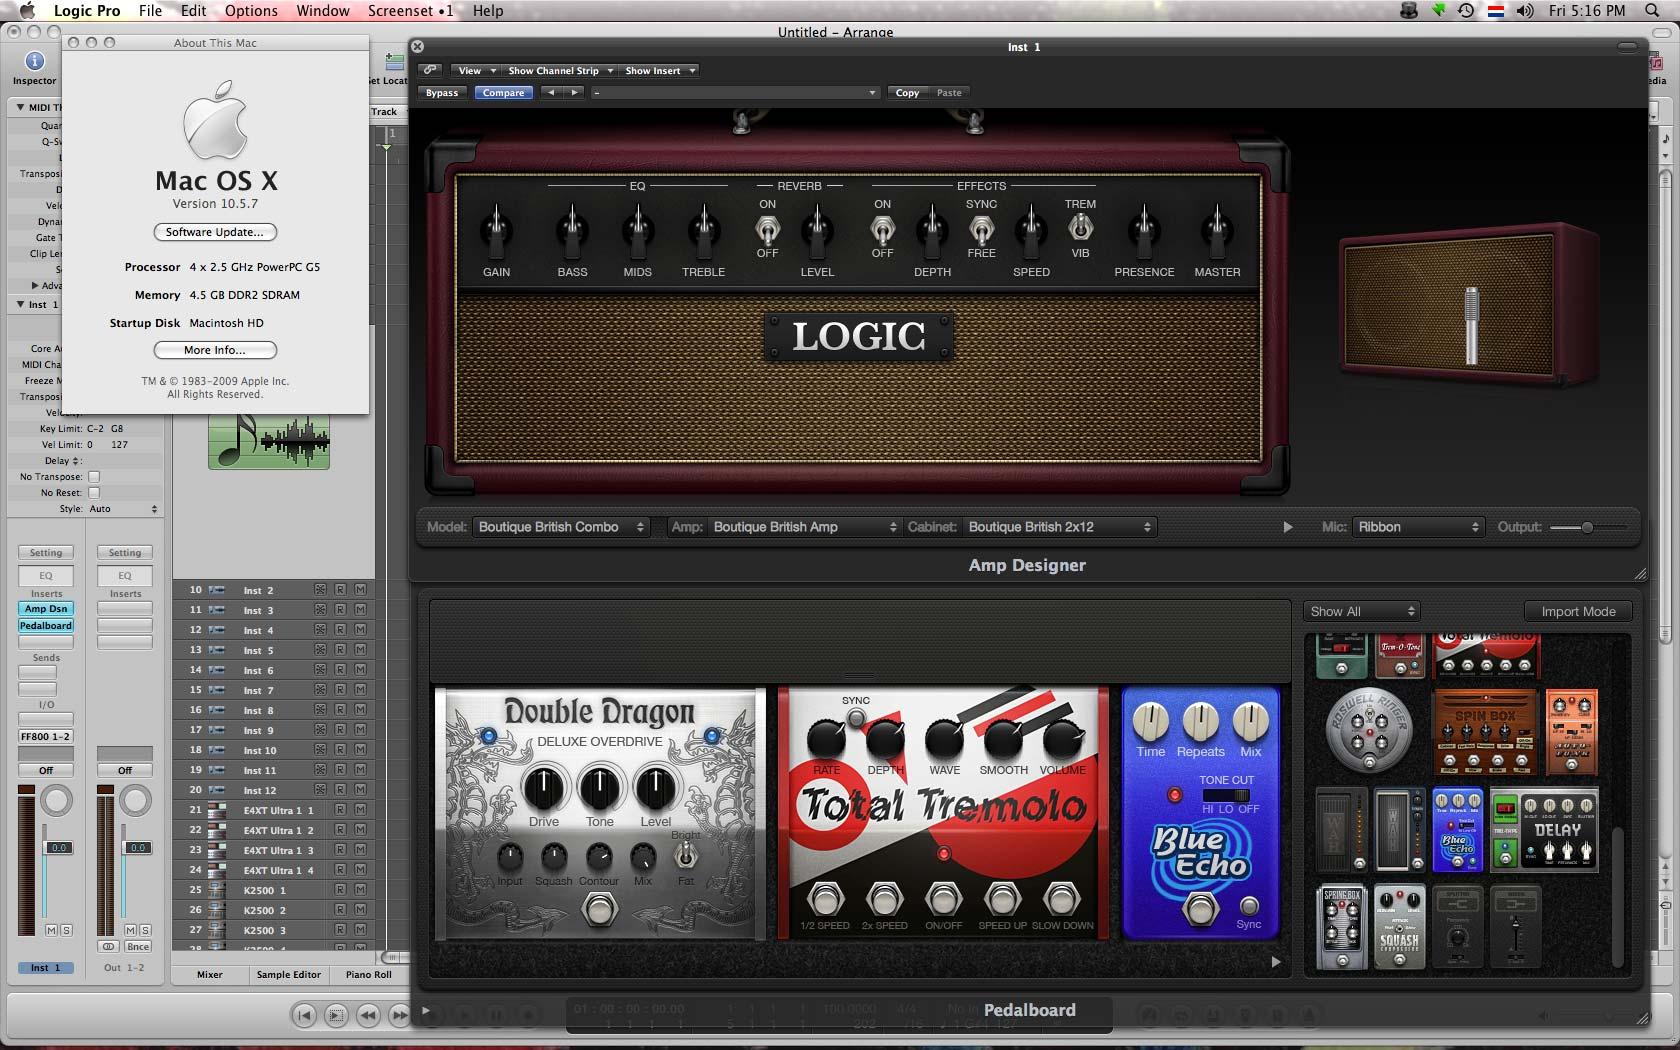 Logic Pro9